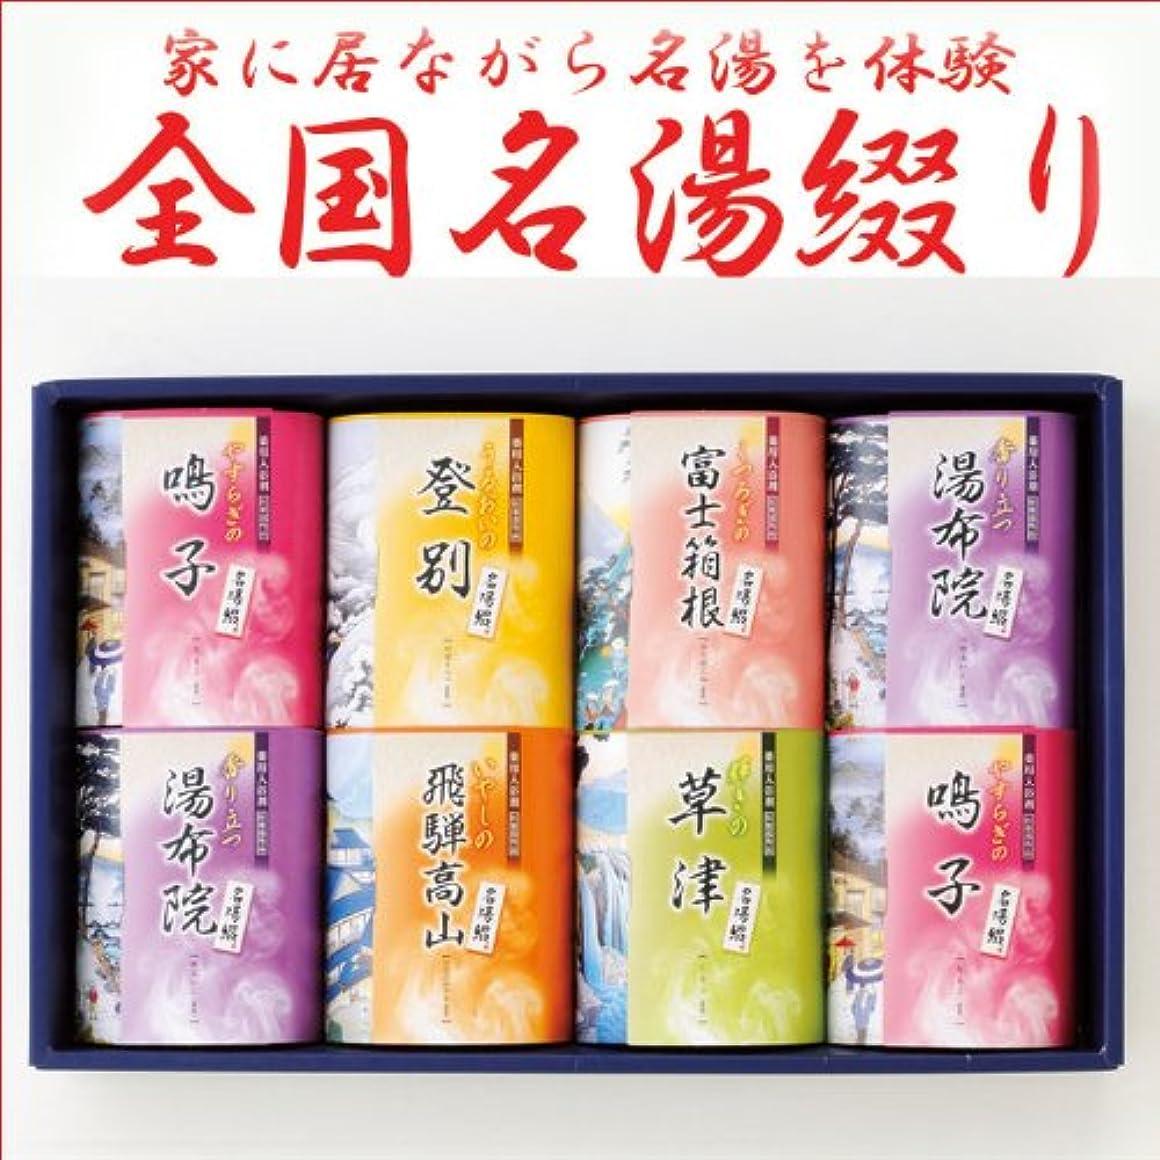 ハイキングに行くつまらない仮定、想定。推測日本全国名湯の温泉巡り入浴剤ギフトセット